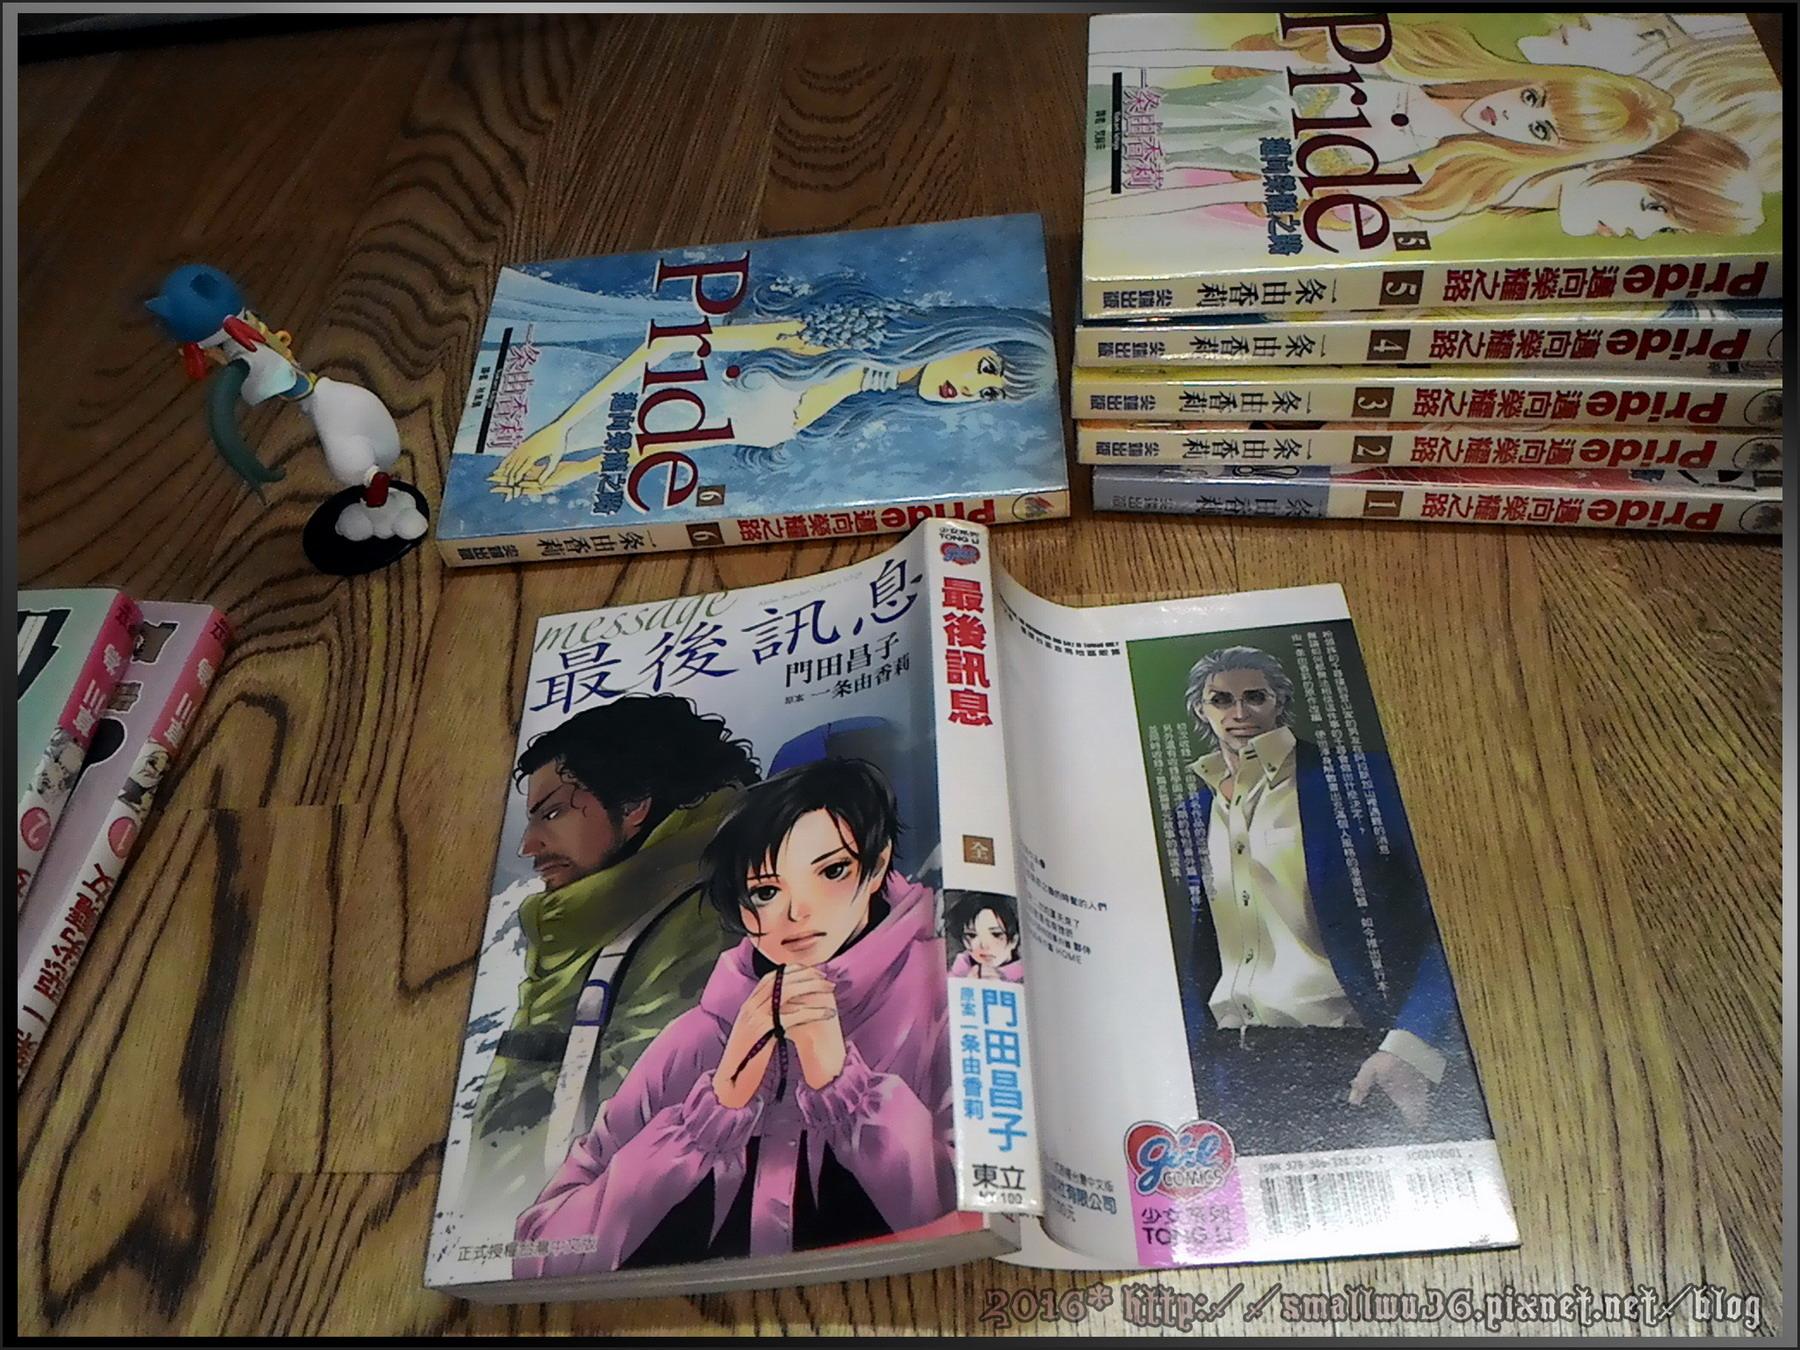 [感想] 門田昌子(漫畫)+一条由香莉(原作)《最後訊息》全 1 集,東立.jpg